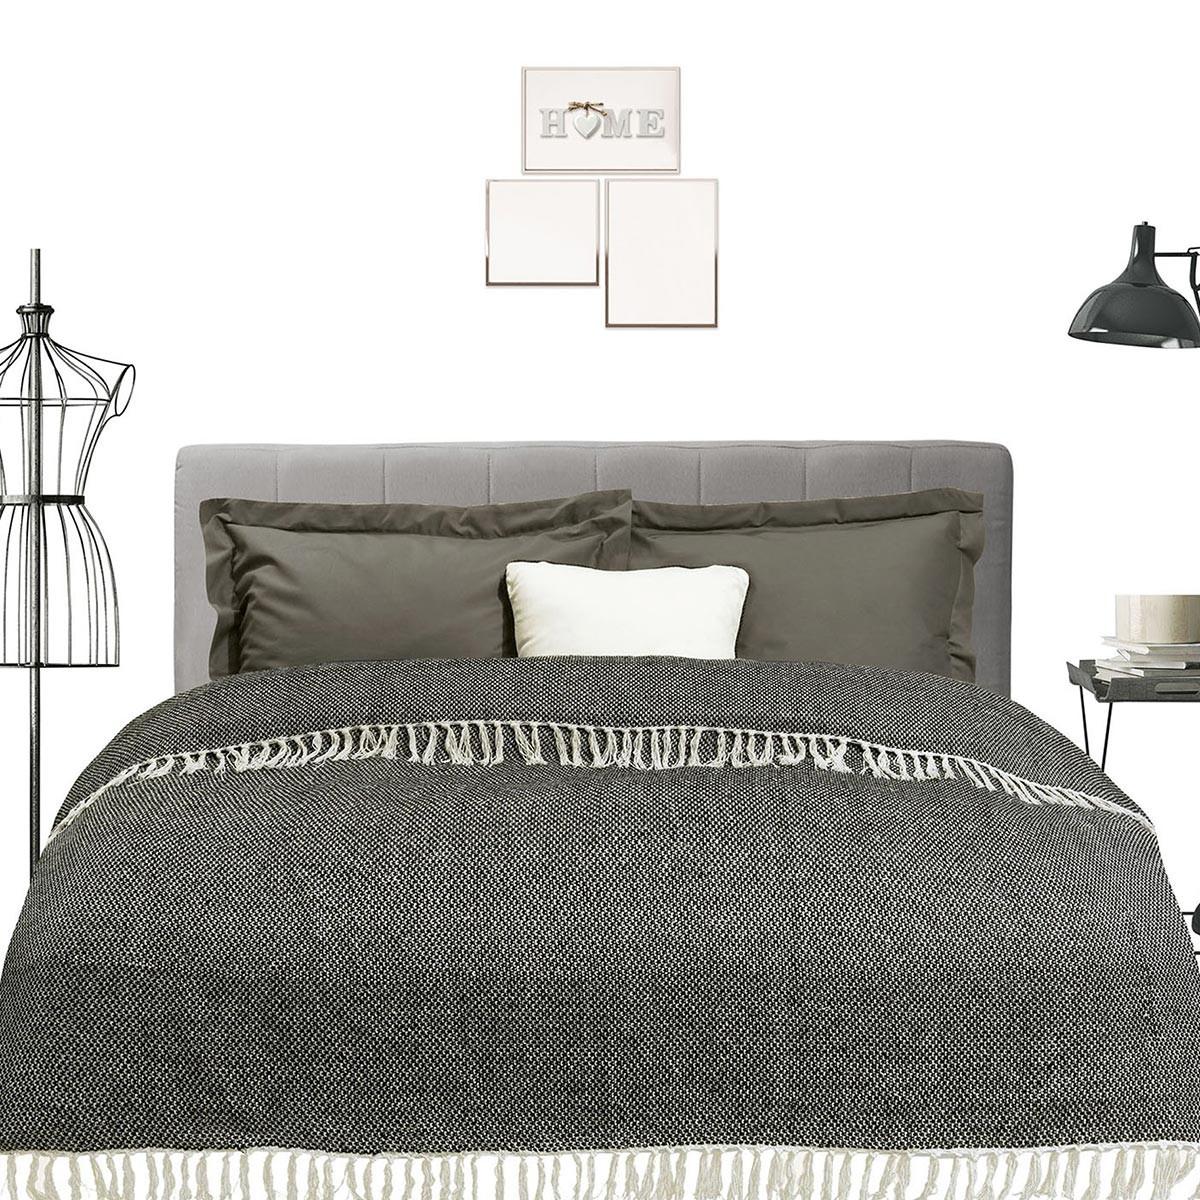 Κουβερτόριο Μονό Das Home Blanket Line Jacquard 388 66675